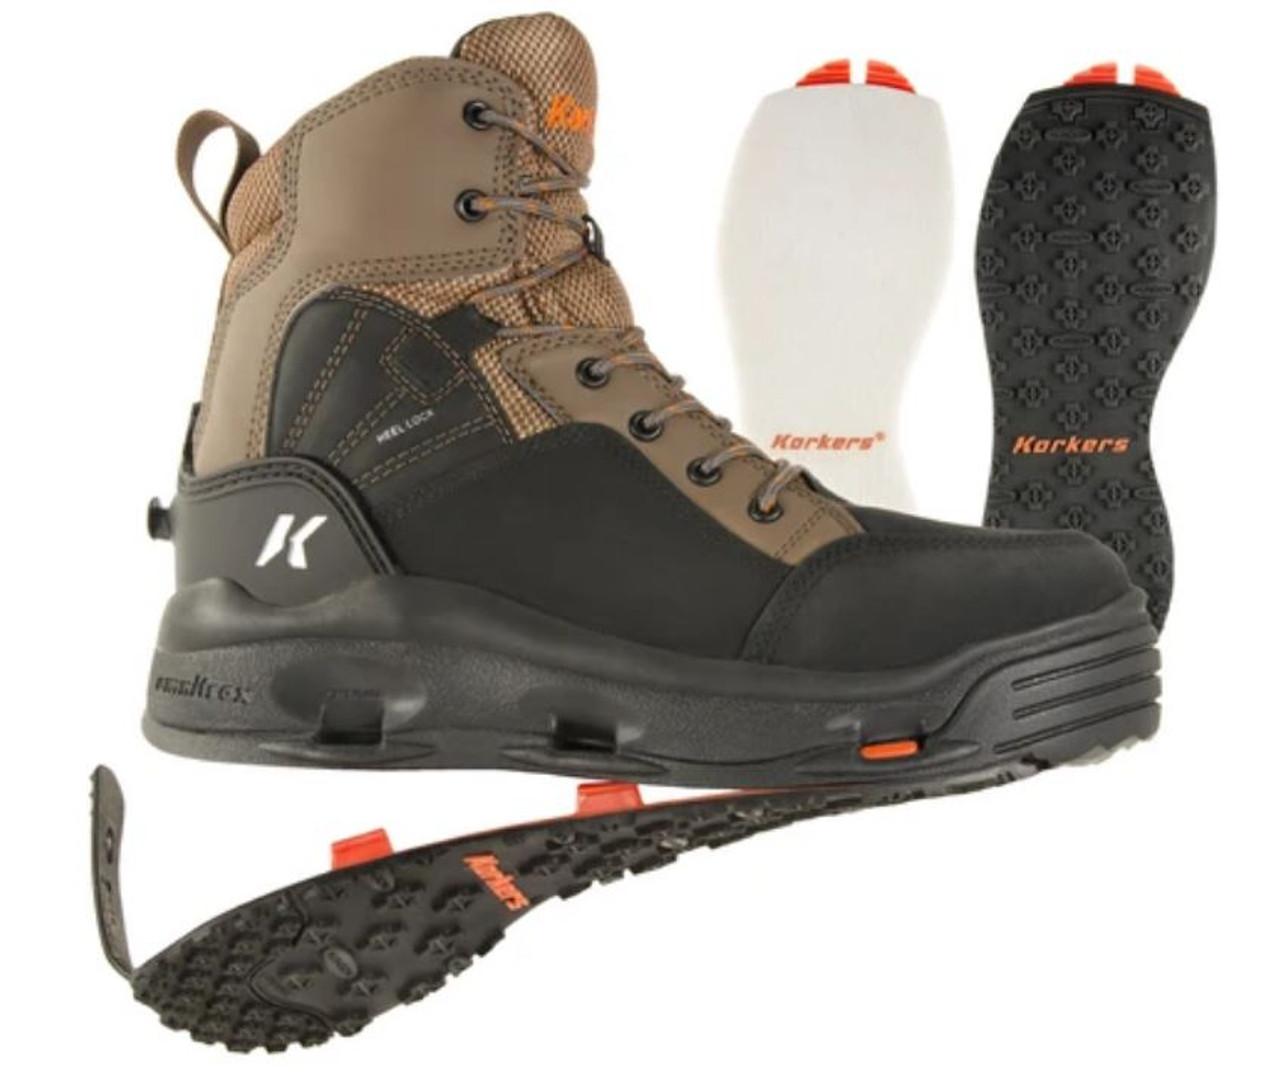 KORKERS BUCKSKIN W/ FELT & KLING-ON SOLES WADING BOOTS